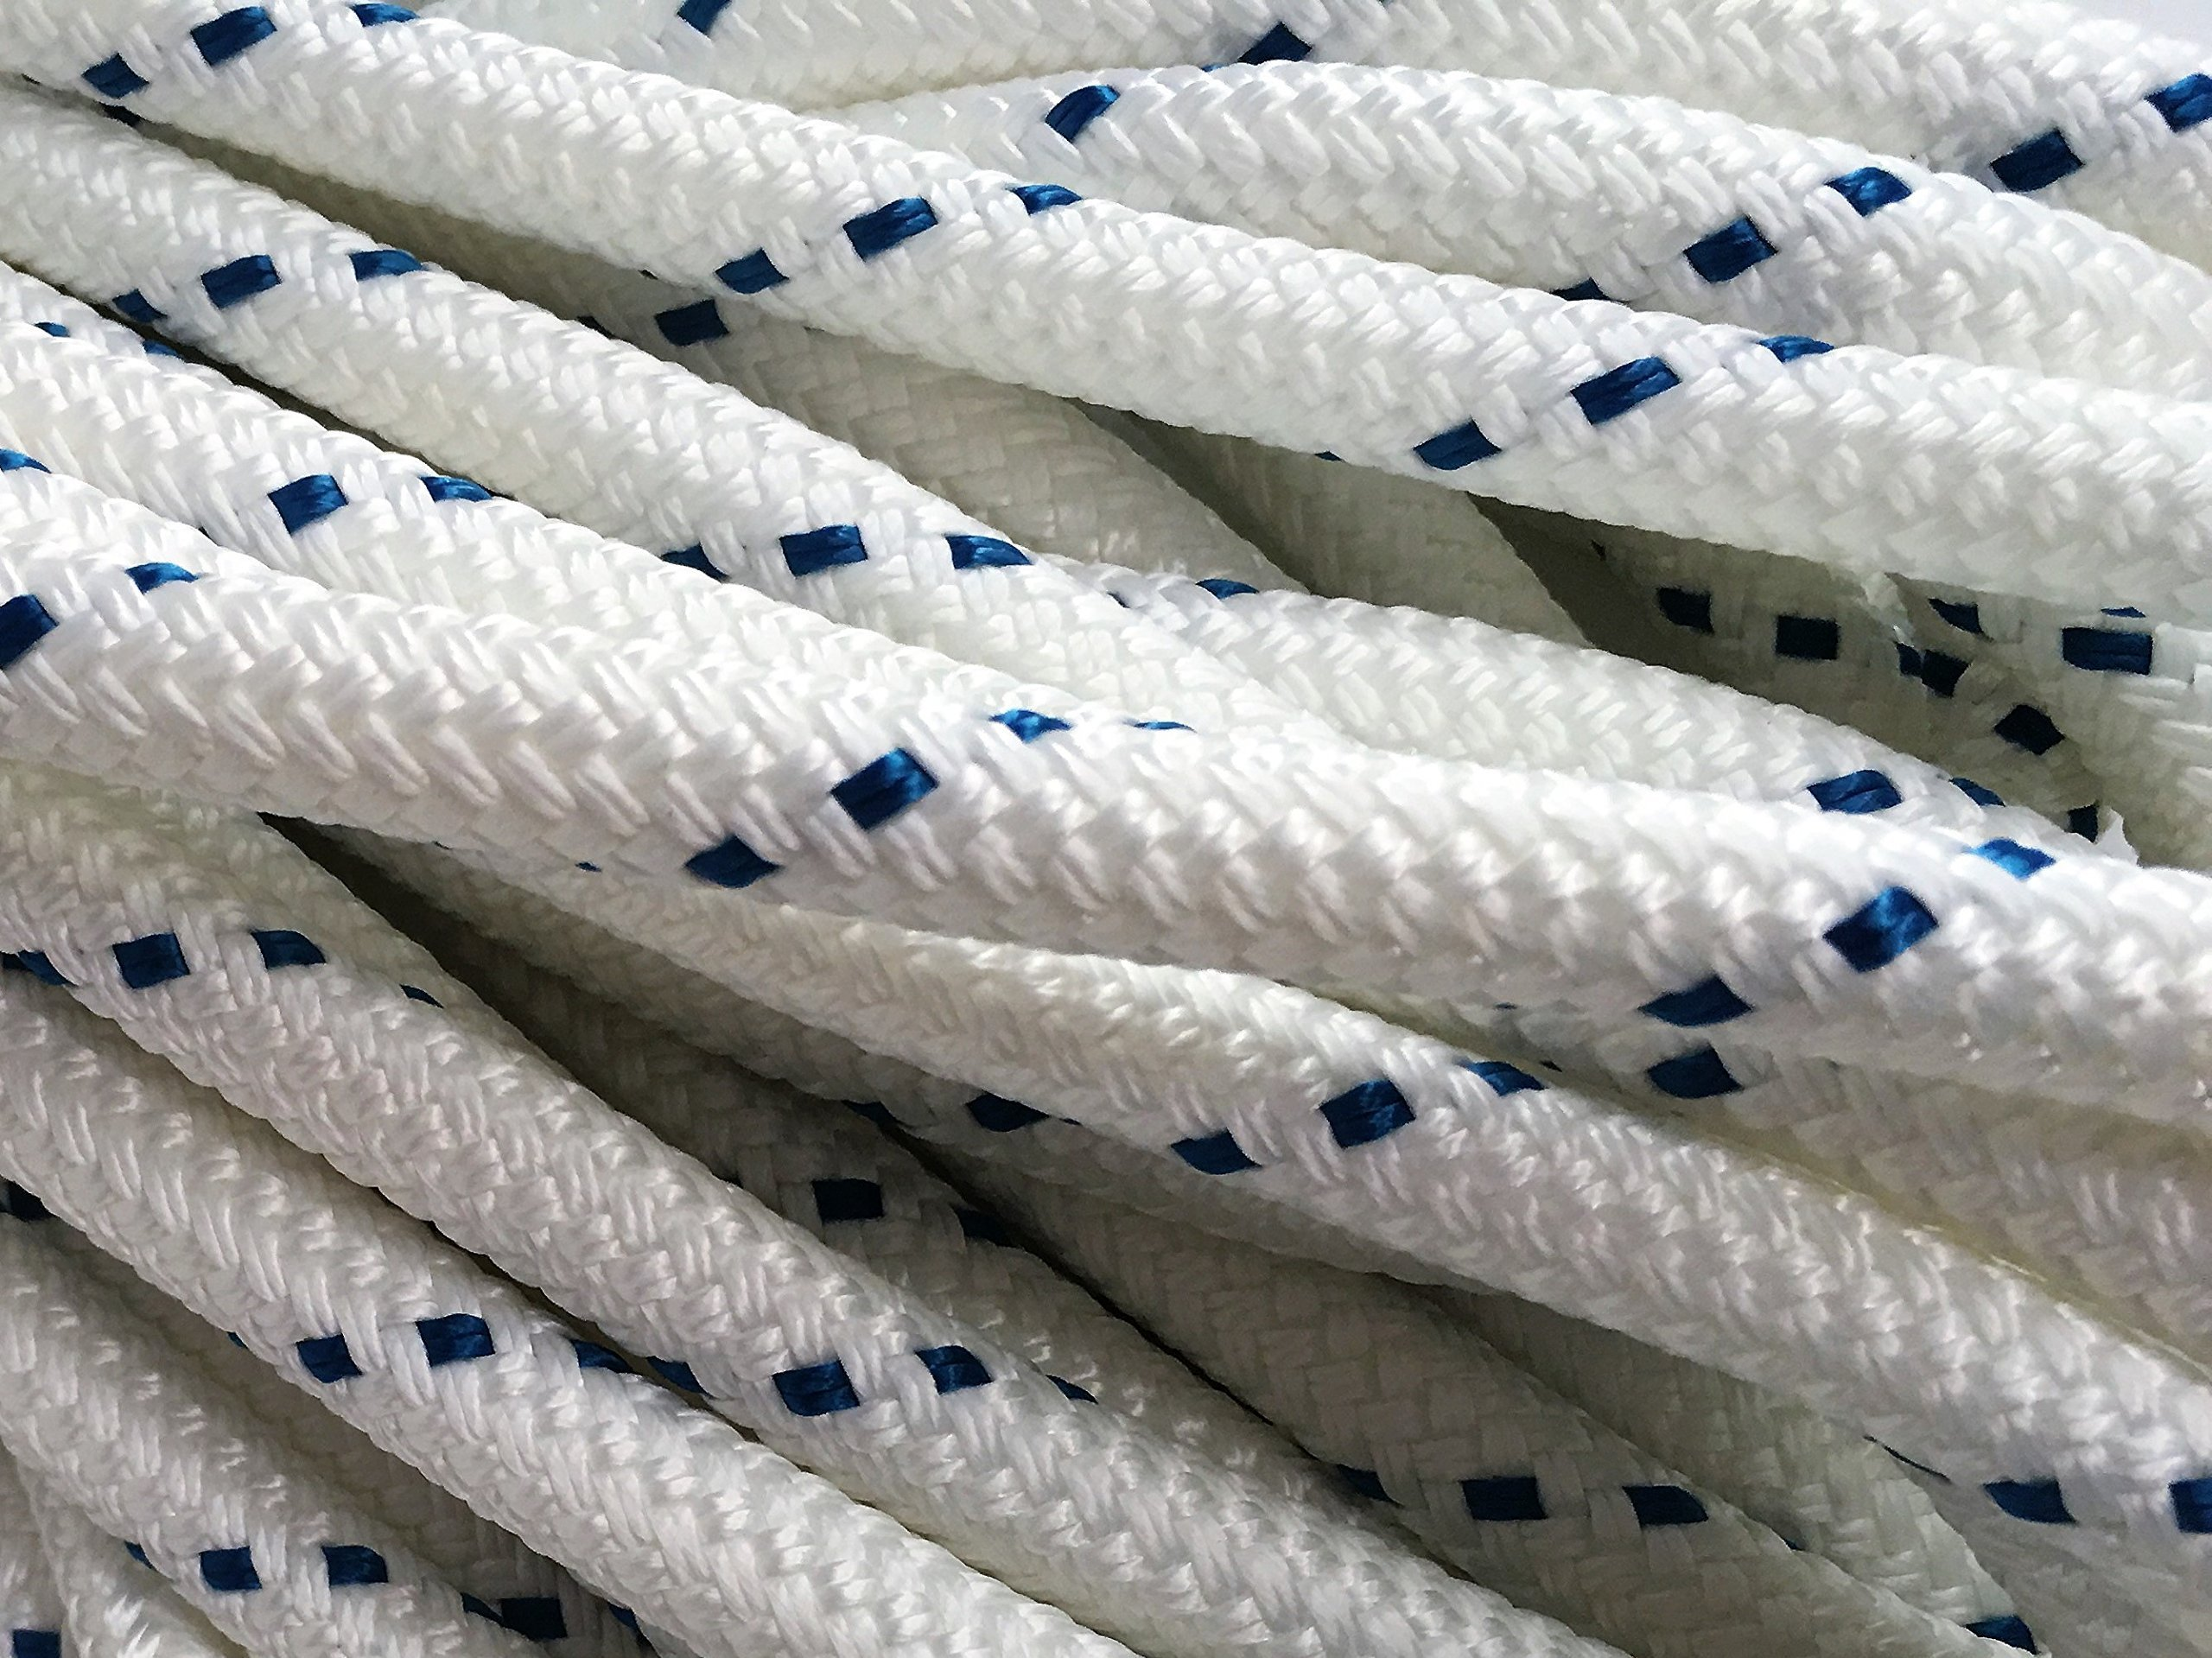 1/2'' X 100' Double Braid/Yacht Braid Premium Polyester Halyard Rigging Line, White/Blue